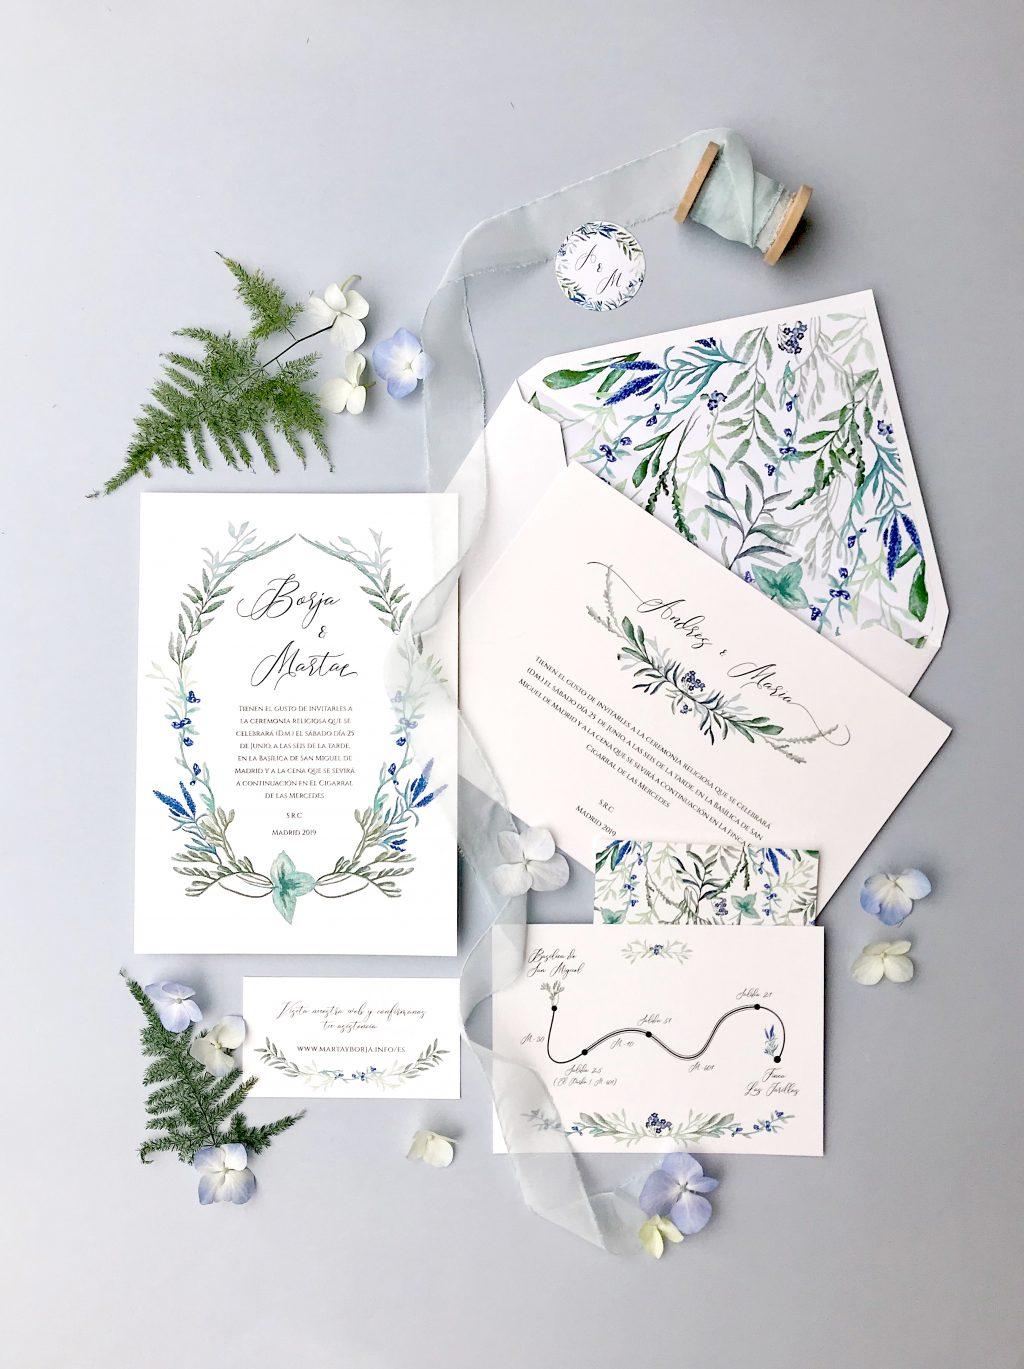 invitacion botanica jacintos silvestres marmarina - Marmarina, Creadores de Papelería de Alta Calidad